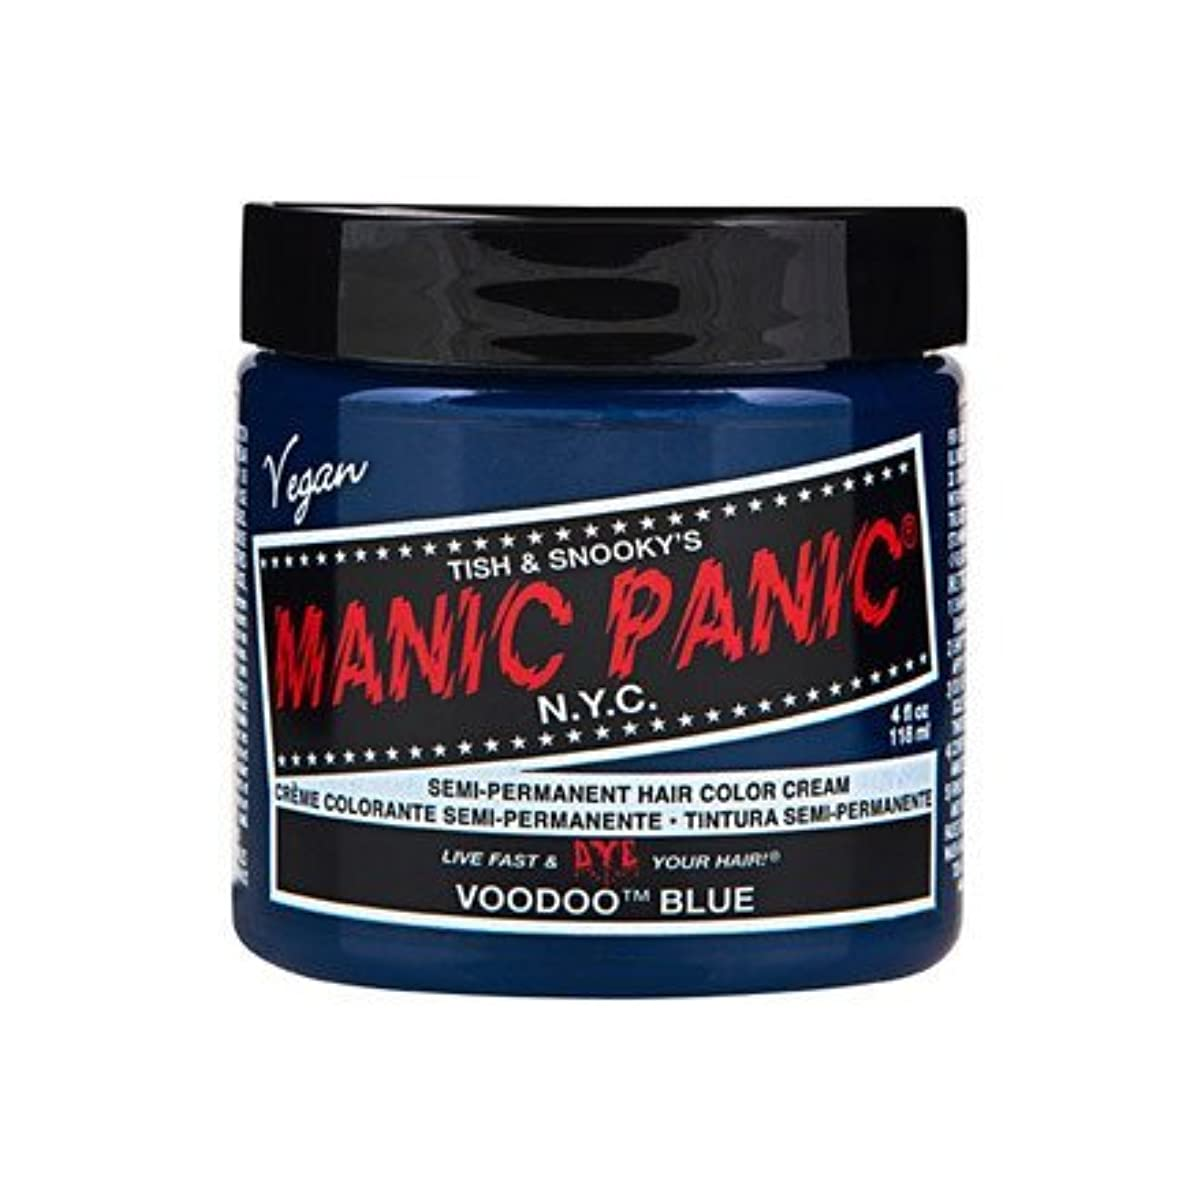 虫を数える劇場信者MANIC PANIC マニックパニック Voodoo Blue ブードゥーブルー 118ml